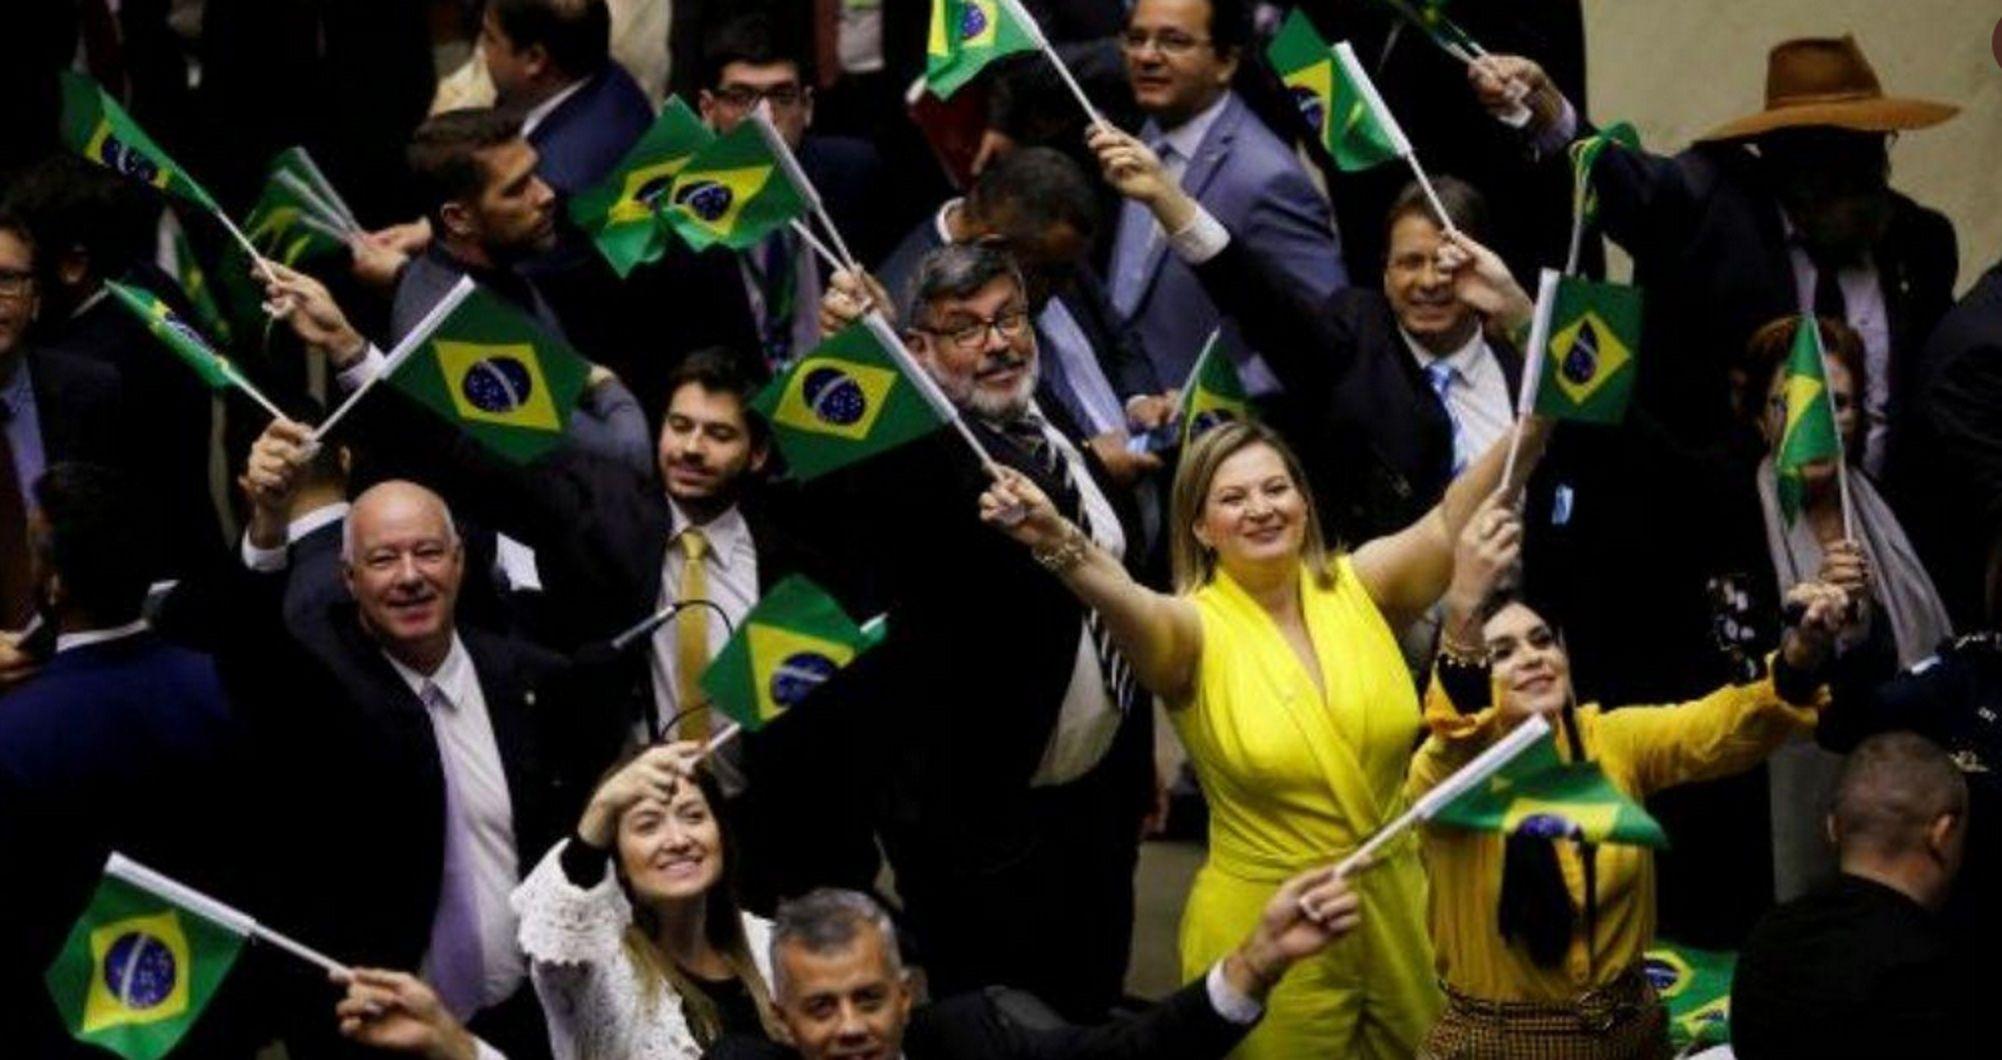 La reforma previsional ya tiene media sanción en Brasil